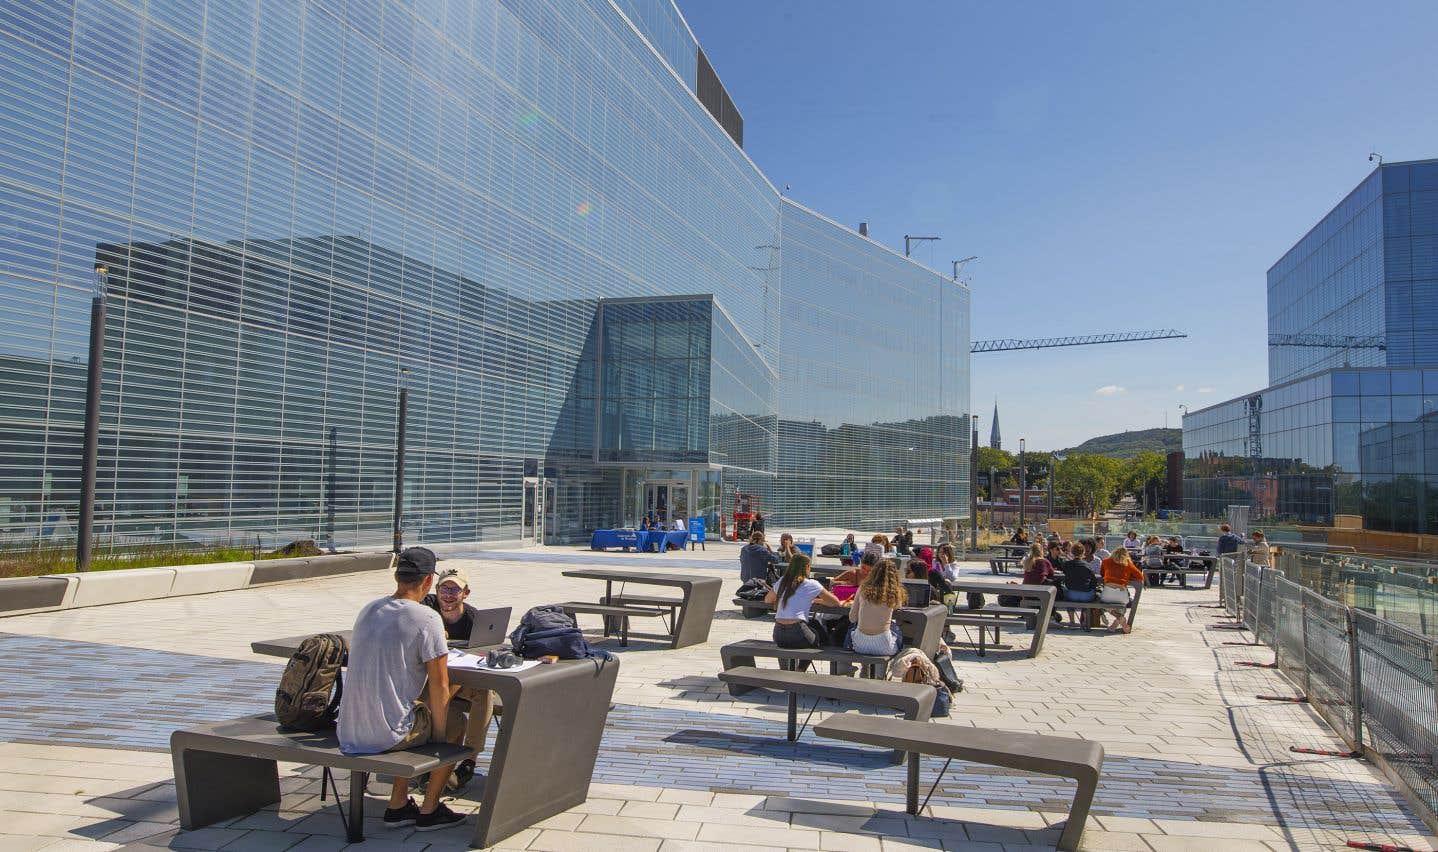 Le nouveau campus de l'Université de Montréal (UdeM) se situe à Outremont, sur le site de l'ancienne gare de triage du Canadien Pacifique. Les organismes communautaires de Parc-Extension déplorent toutefois que l'arrivée de 2000 étudiants, 200 professeurs et de membres du personnel intensifie «la gentrification» du quartier.